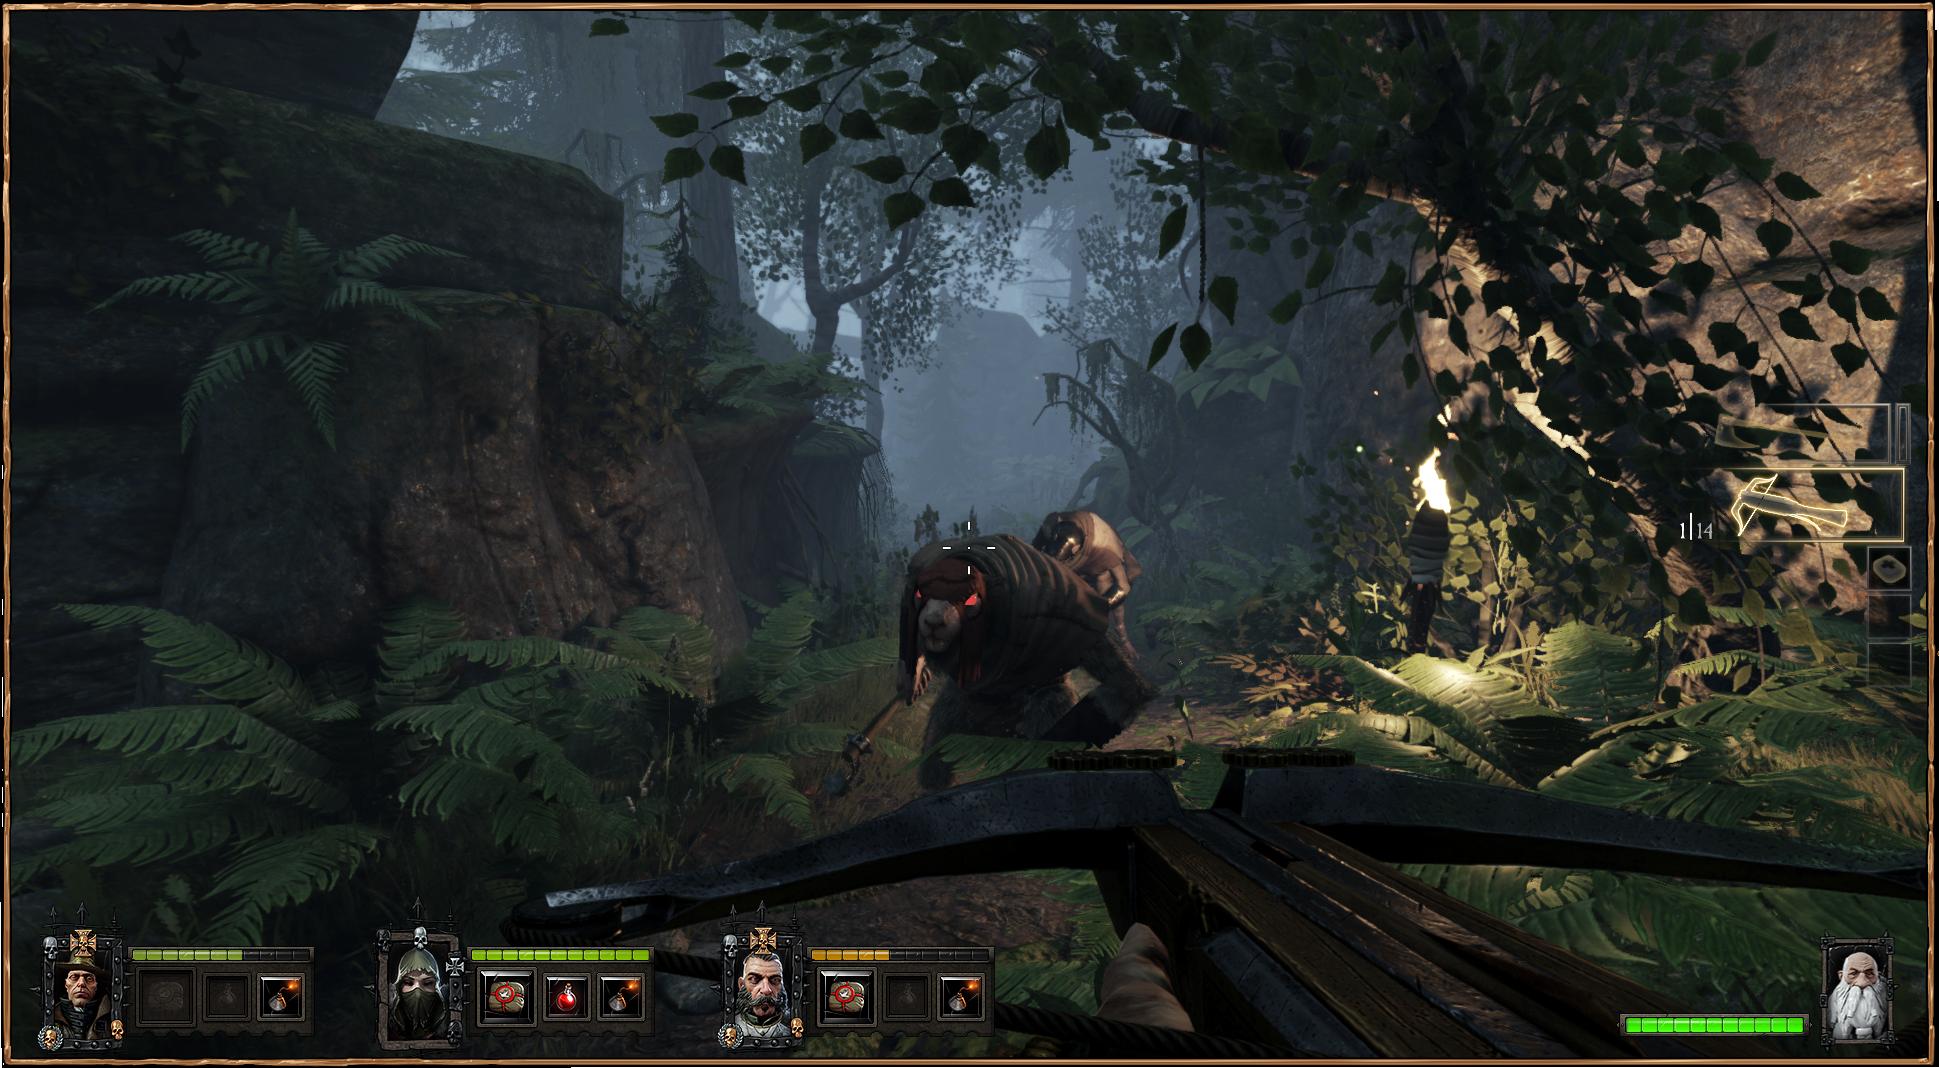 Dwarf_Ranger_Screenshot_003_2015-06-10